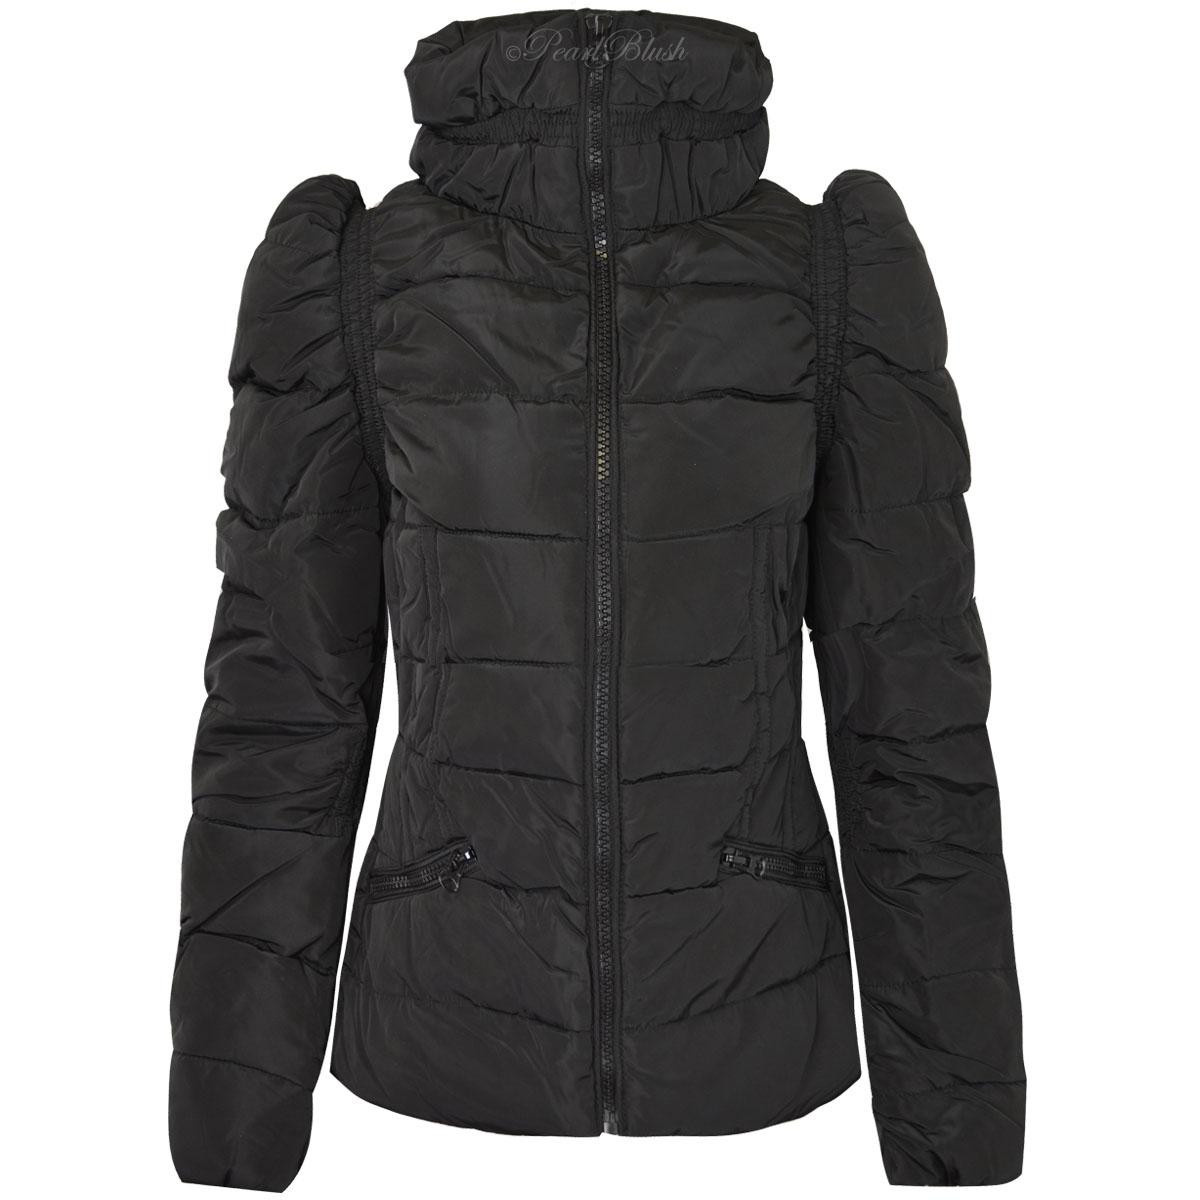 Extra warm winter womens coats